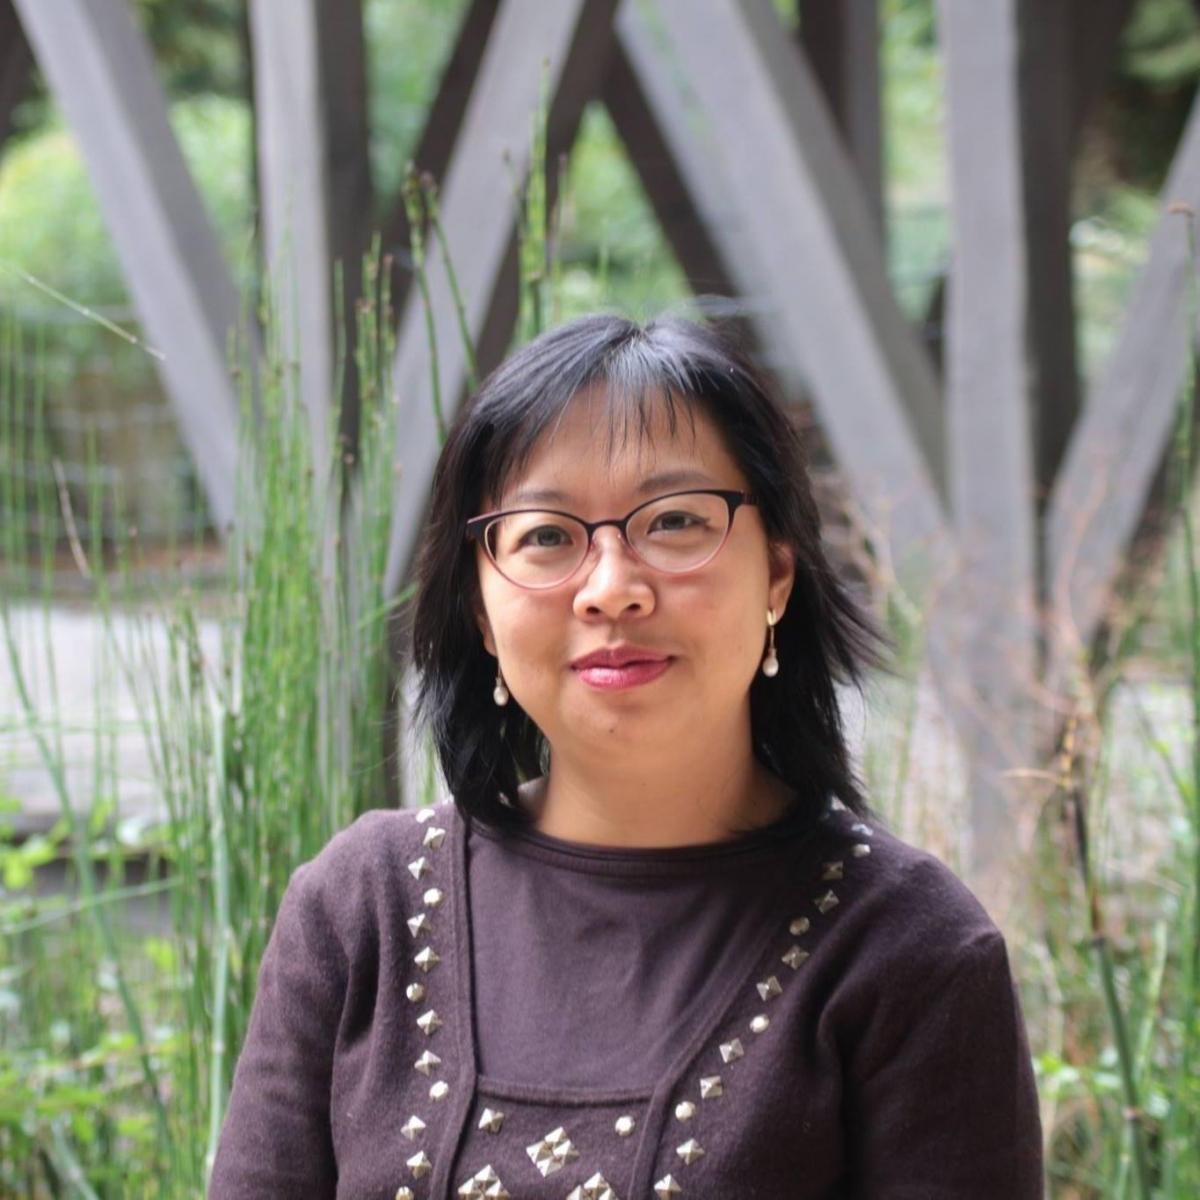 Tiến sỹ Nguyễn Thụy Phương.